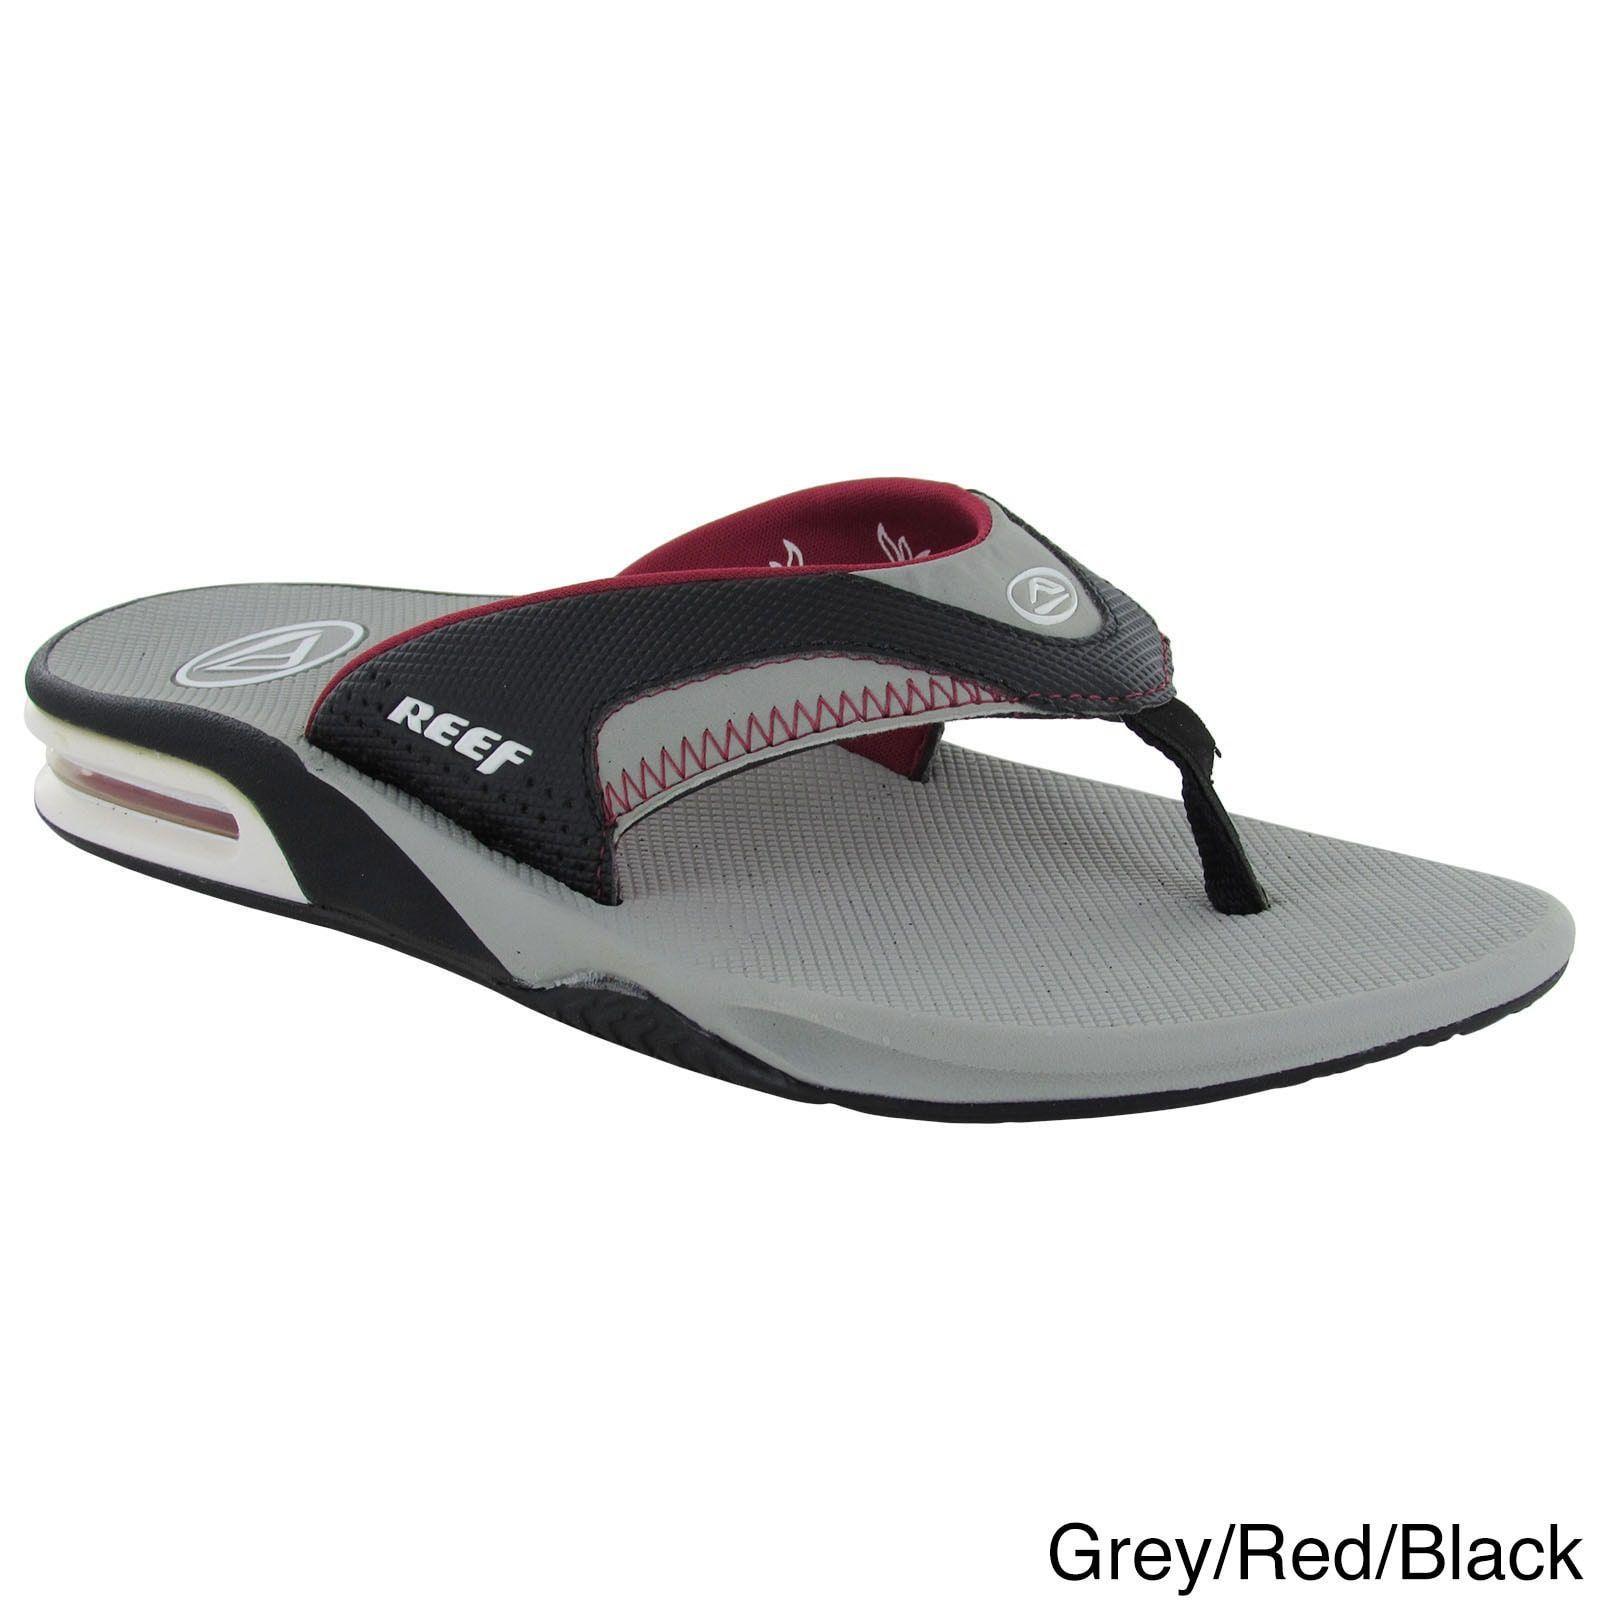 a9a222eca6e99 Reef Mens Fanning Flip Flop Sandals